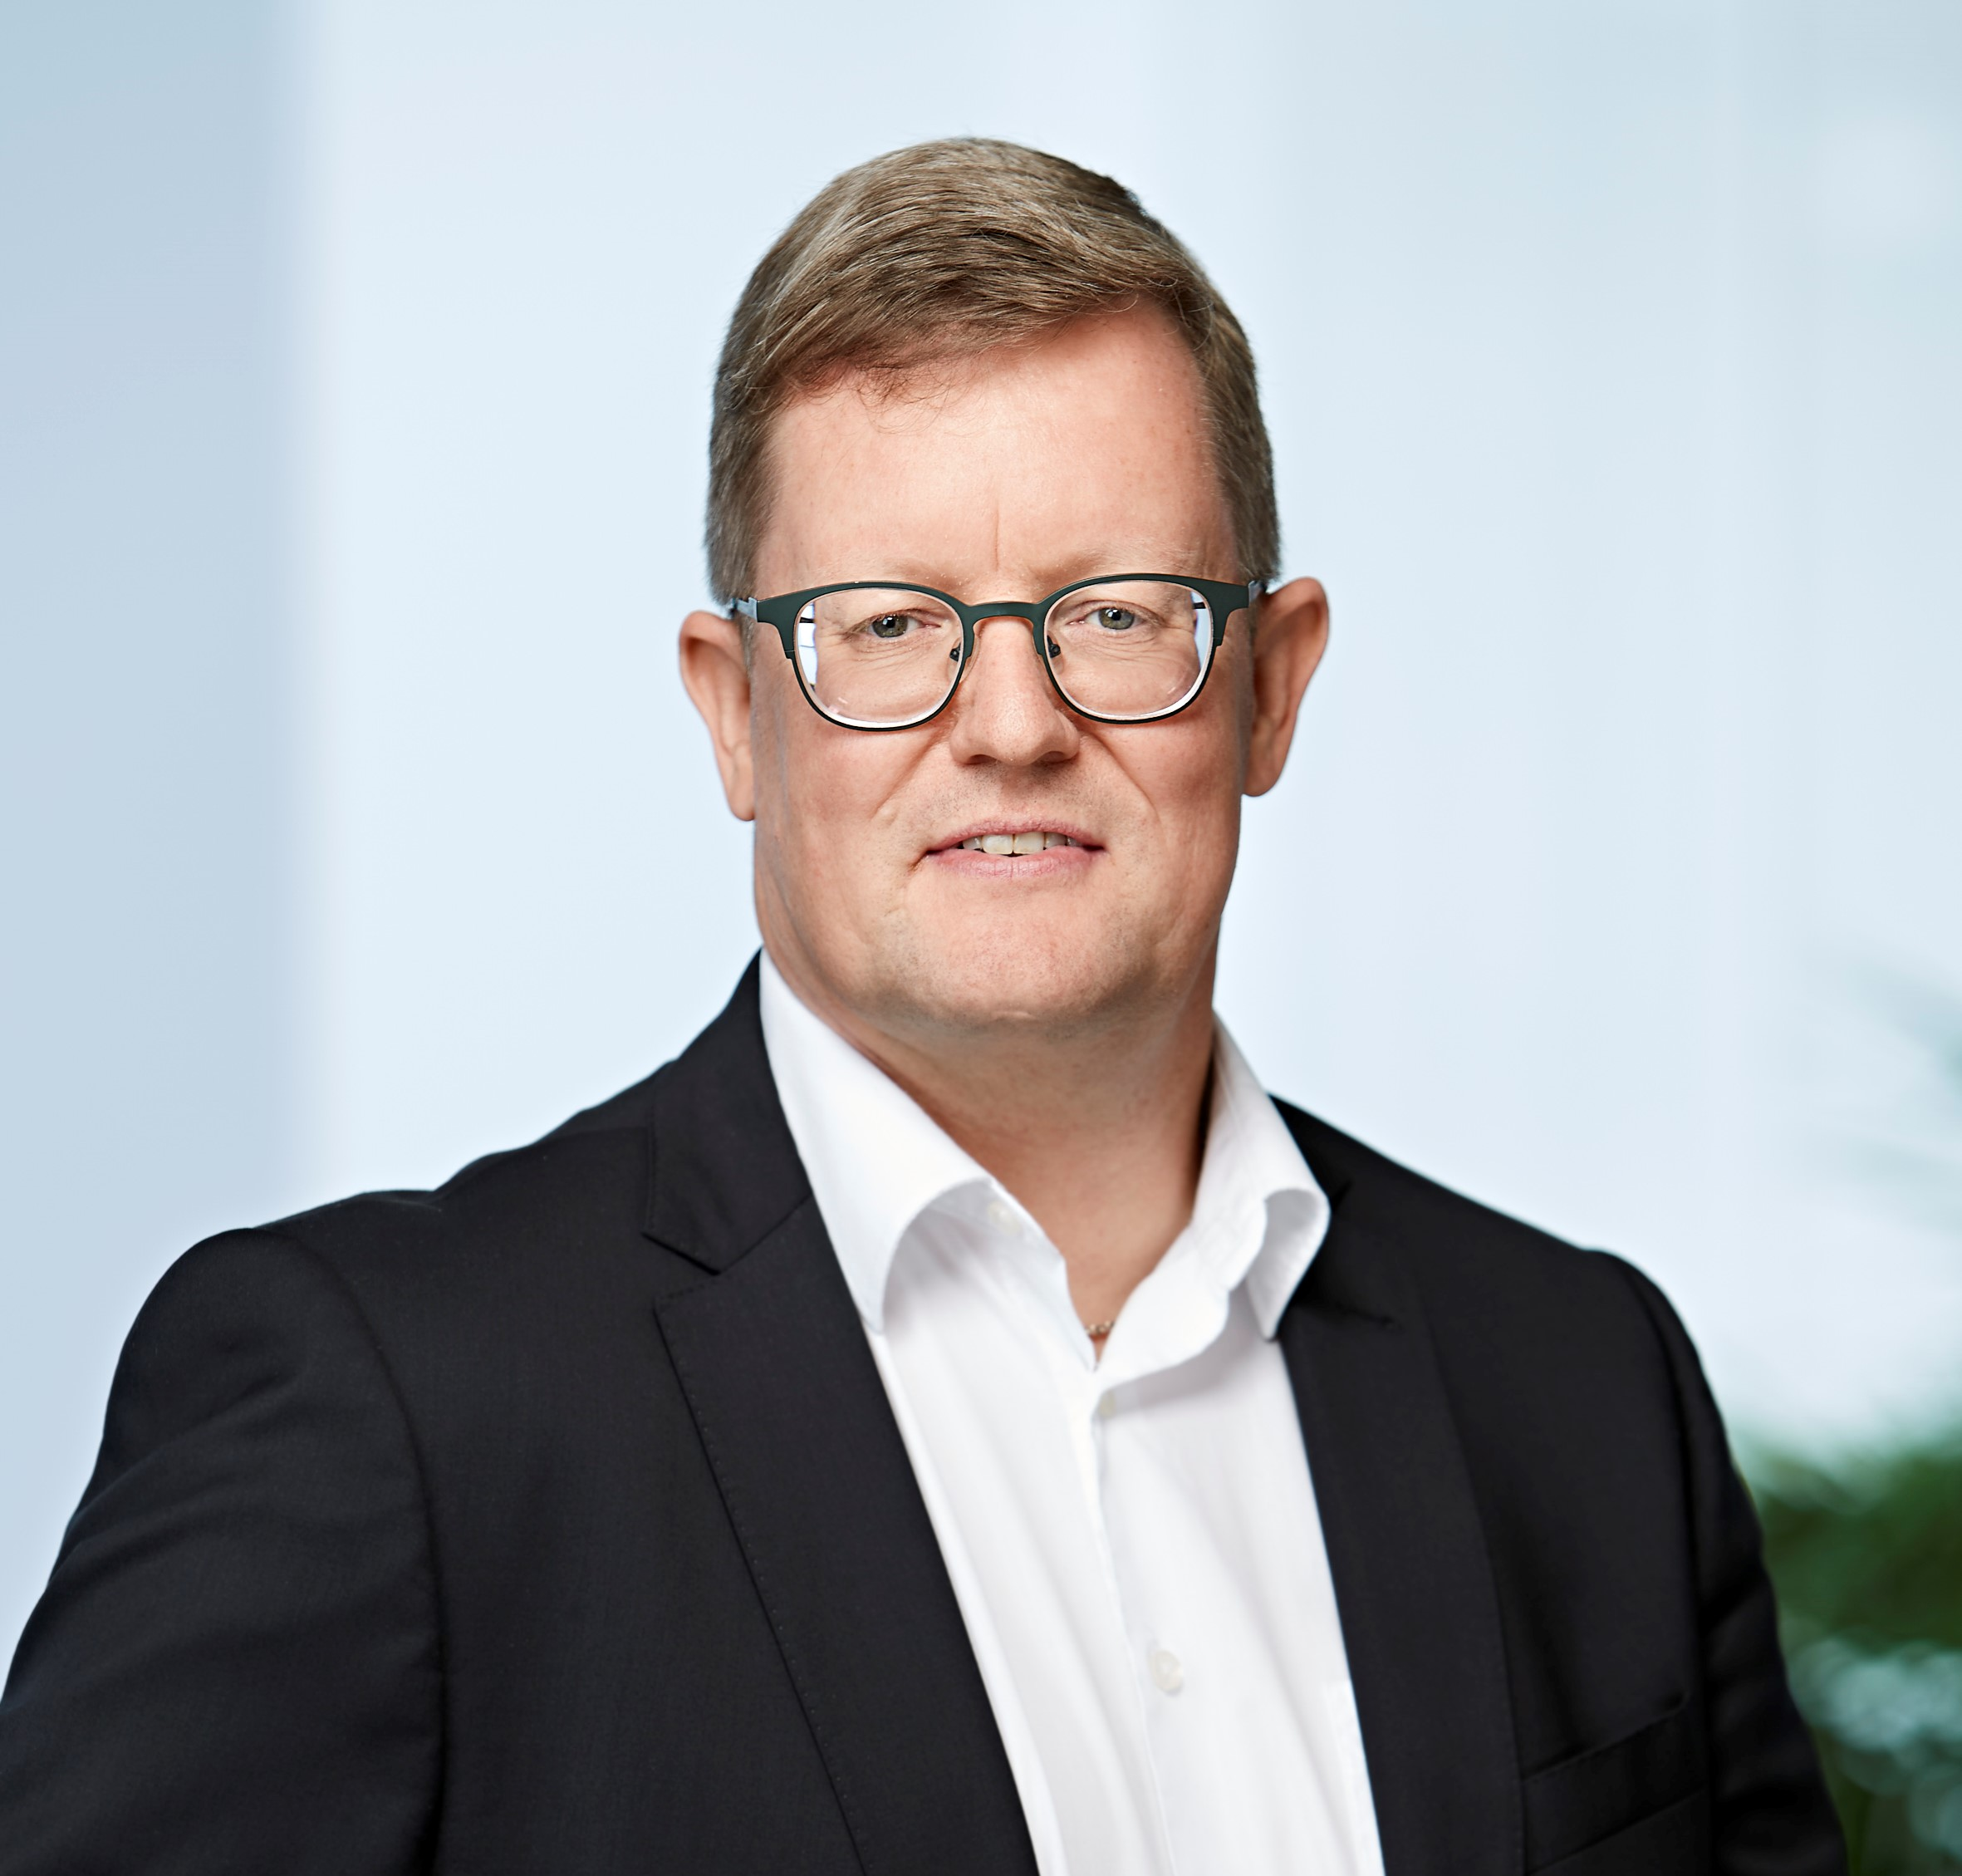 Jesper Parsberg Madsen